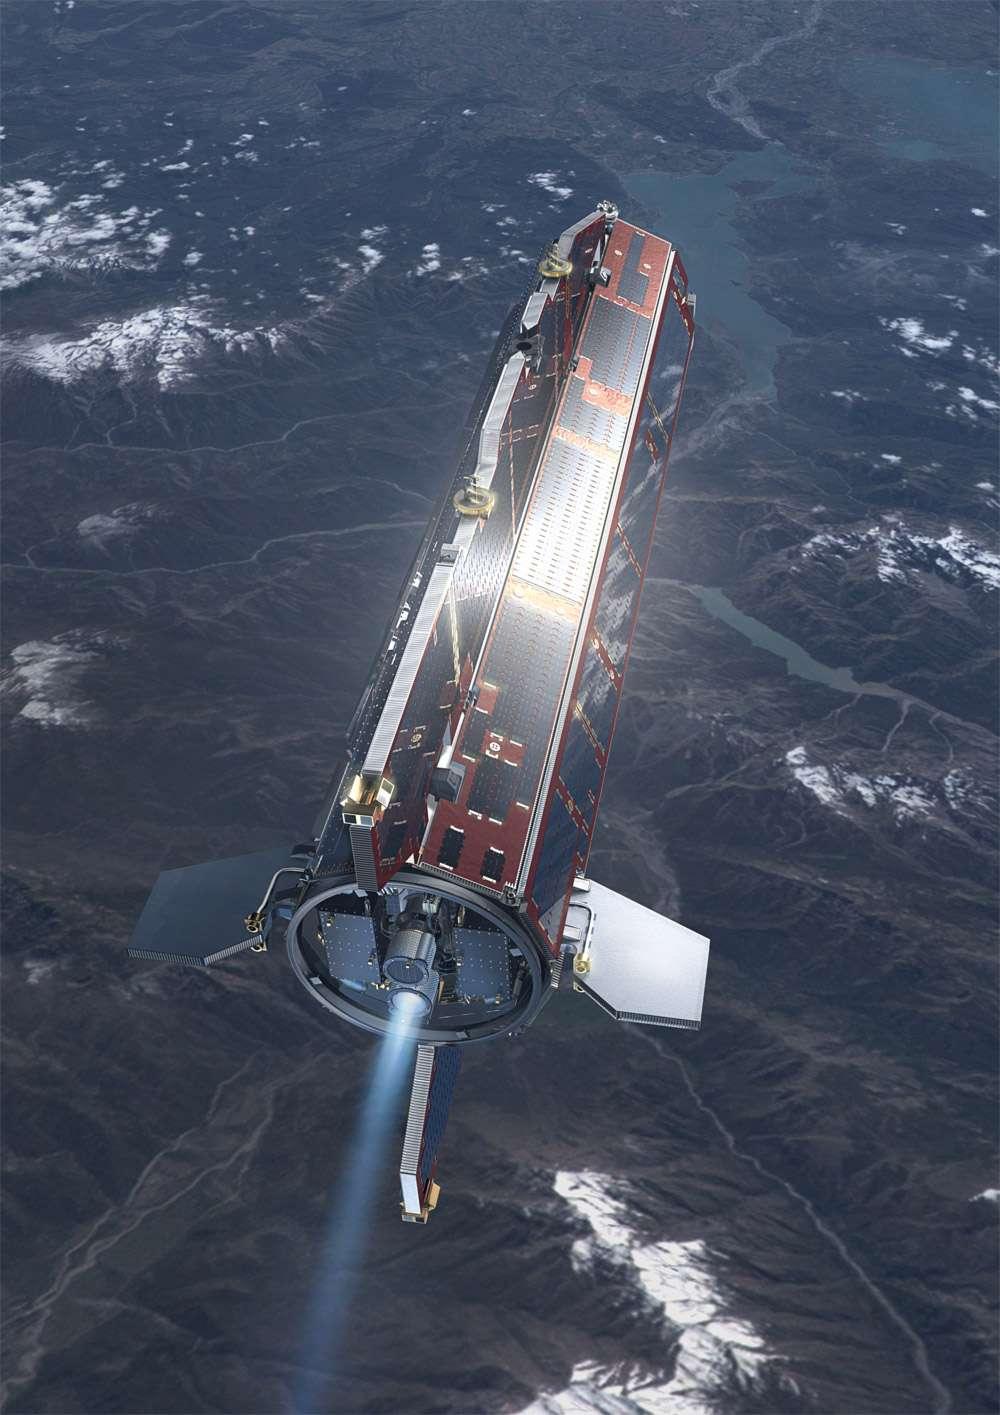 La mission du satellite Goce a été prolongée de 18 mois en août 2012, mais sur une orbite à 235 km d'altitude, soit plus de 20 km en dessous de son orbite initiale. © Esa, AOES Medialab